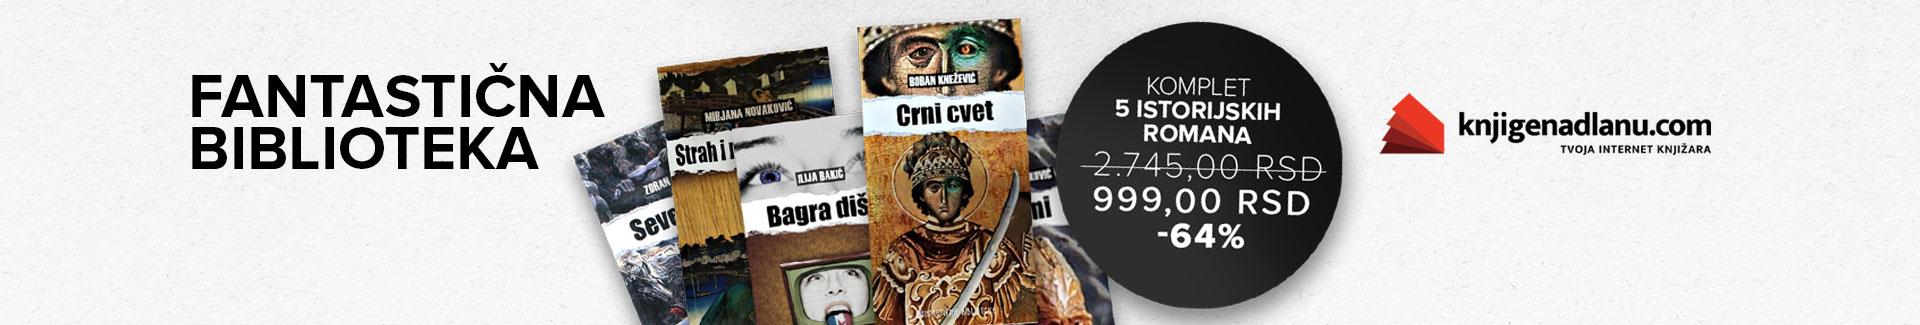 Fantastična biblioteka – komplet 5 istorijskih romana za 999